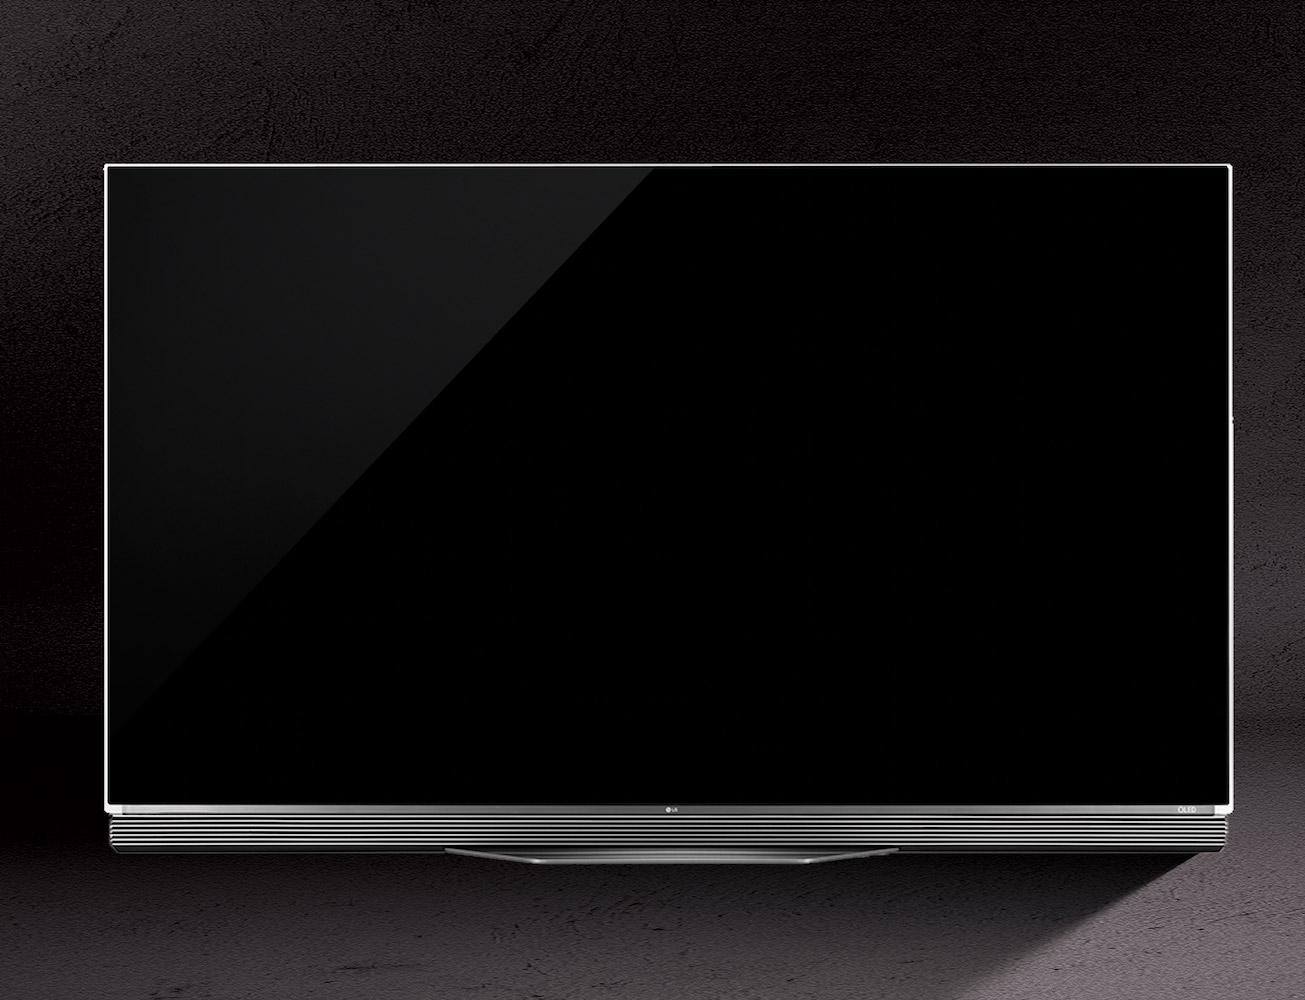 lg 65 inch 4k ultra hd smart oled tv gadget flow. Black Bedroom Furniture Sets. Home Design Ideas